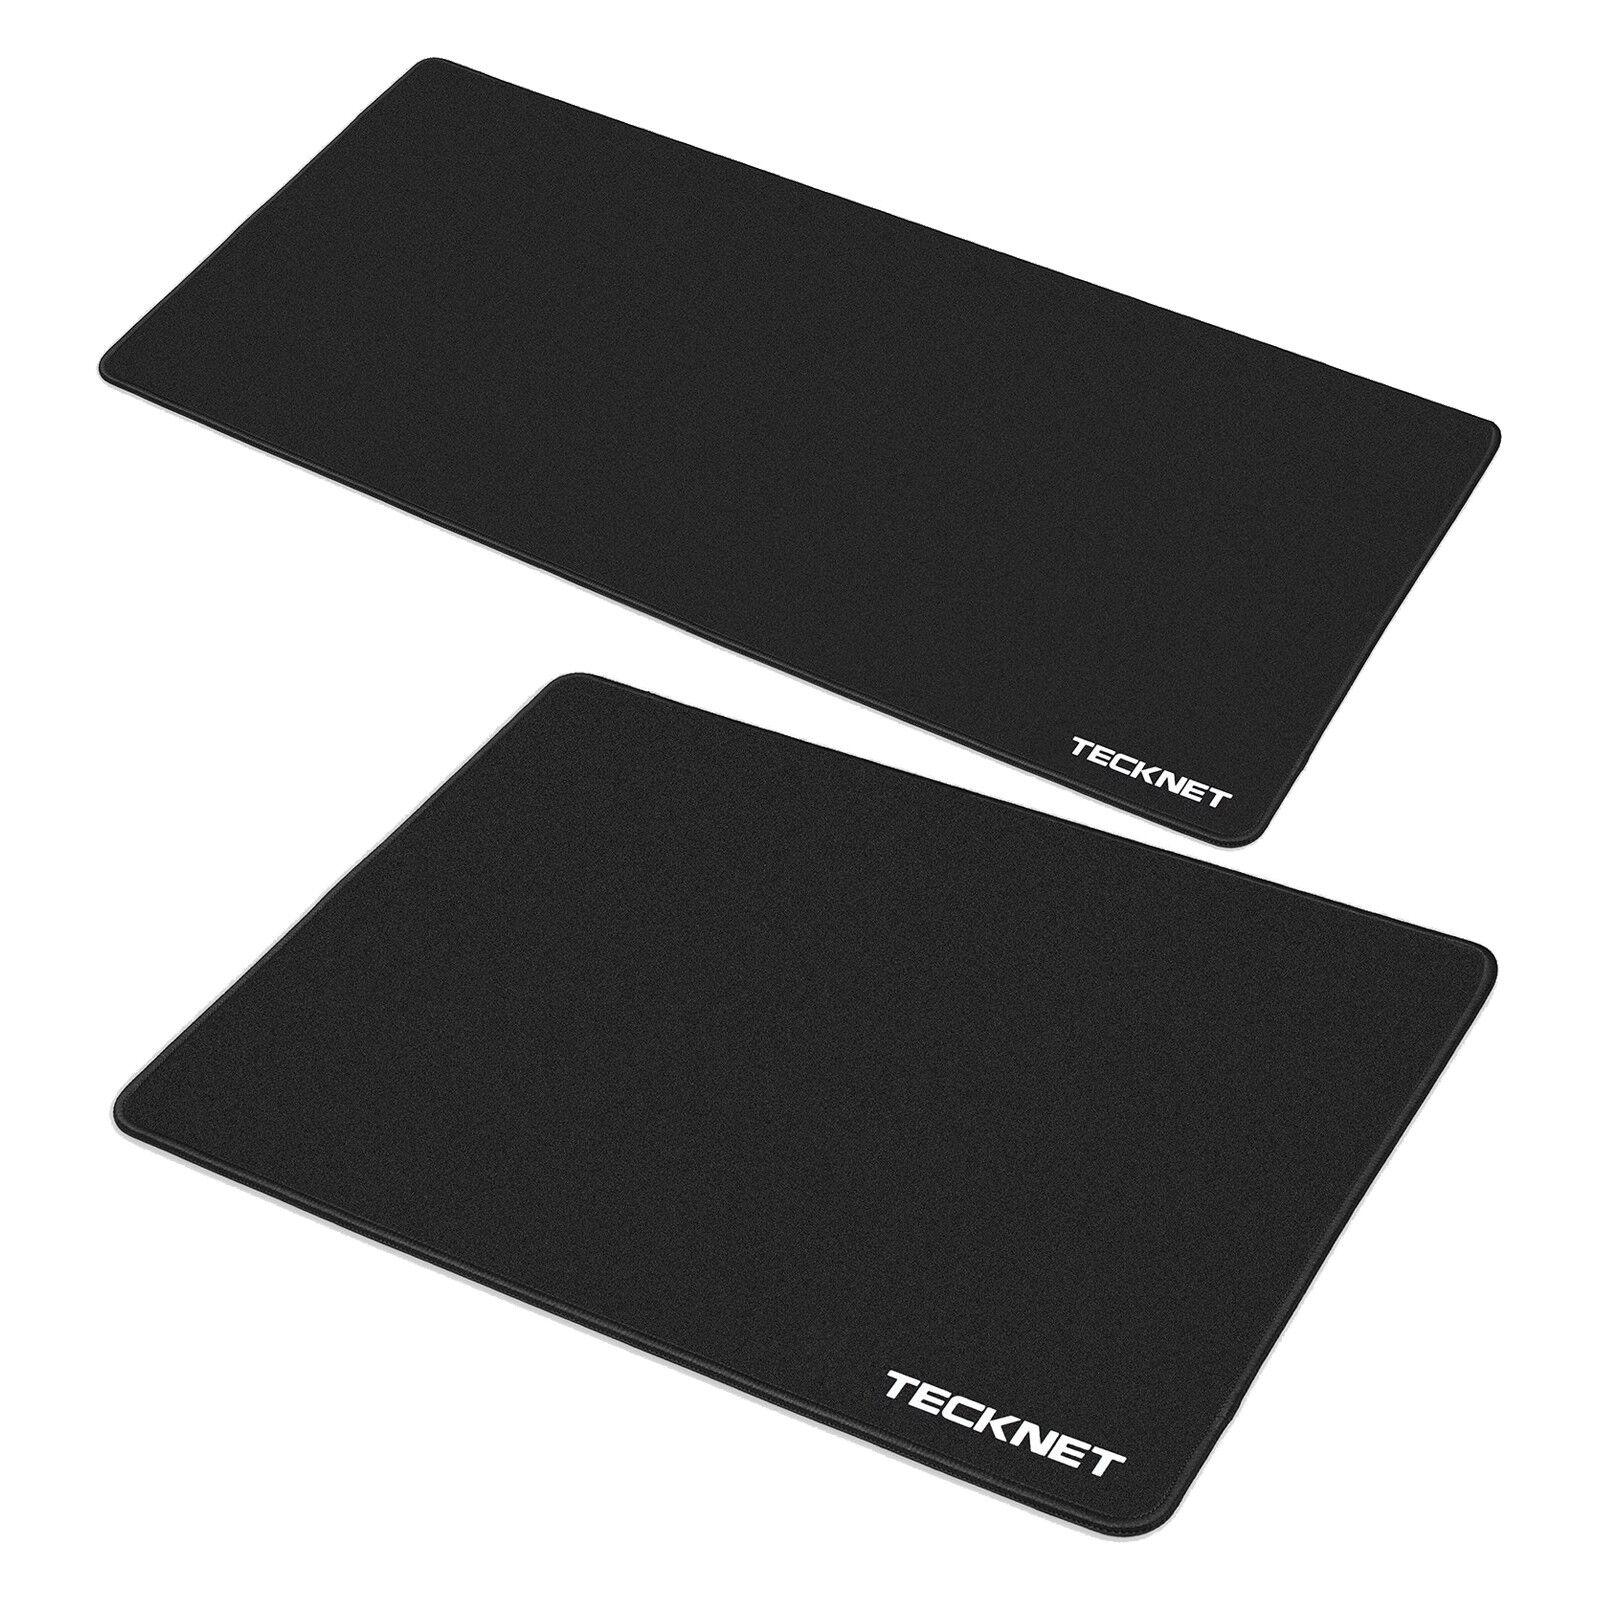 Tappetino mouse antiscivolo ergonomico gaming scrivania ufficio pad tastiera